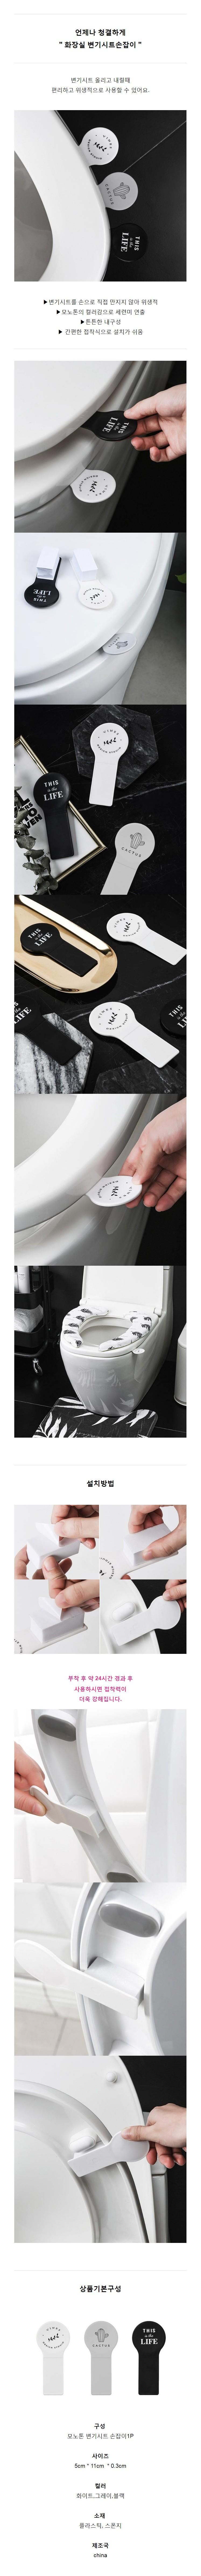 화장실변기시트손잡이.jpg